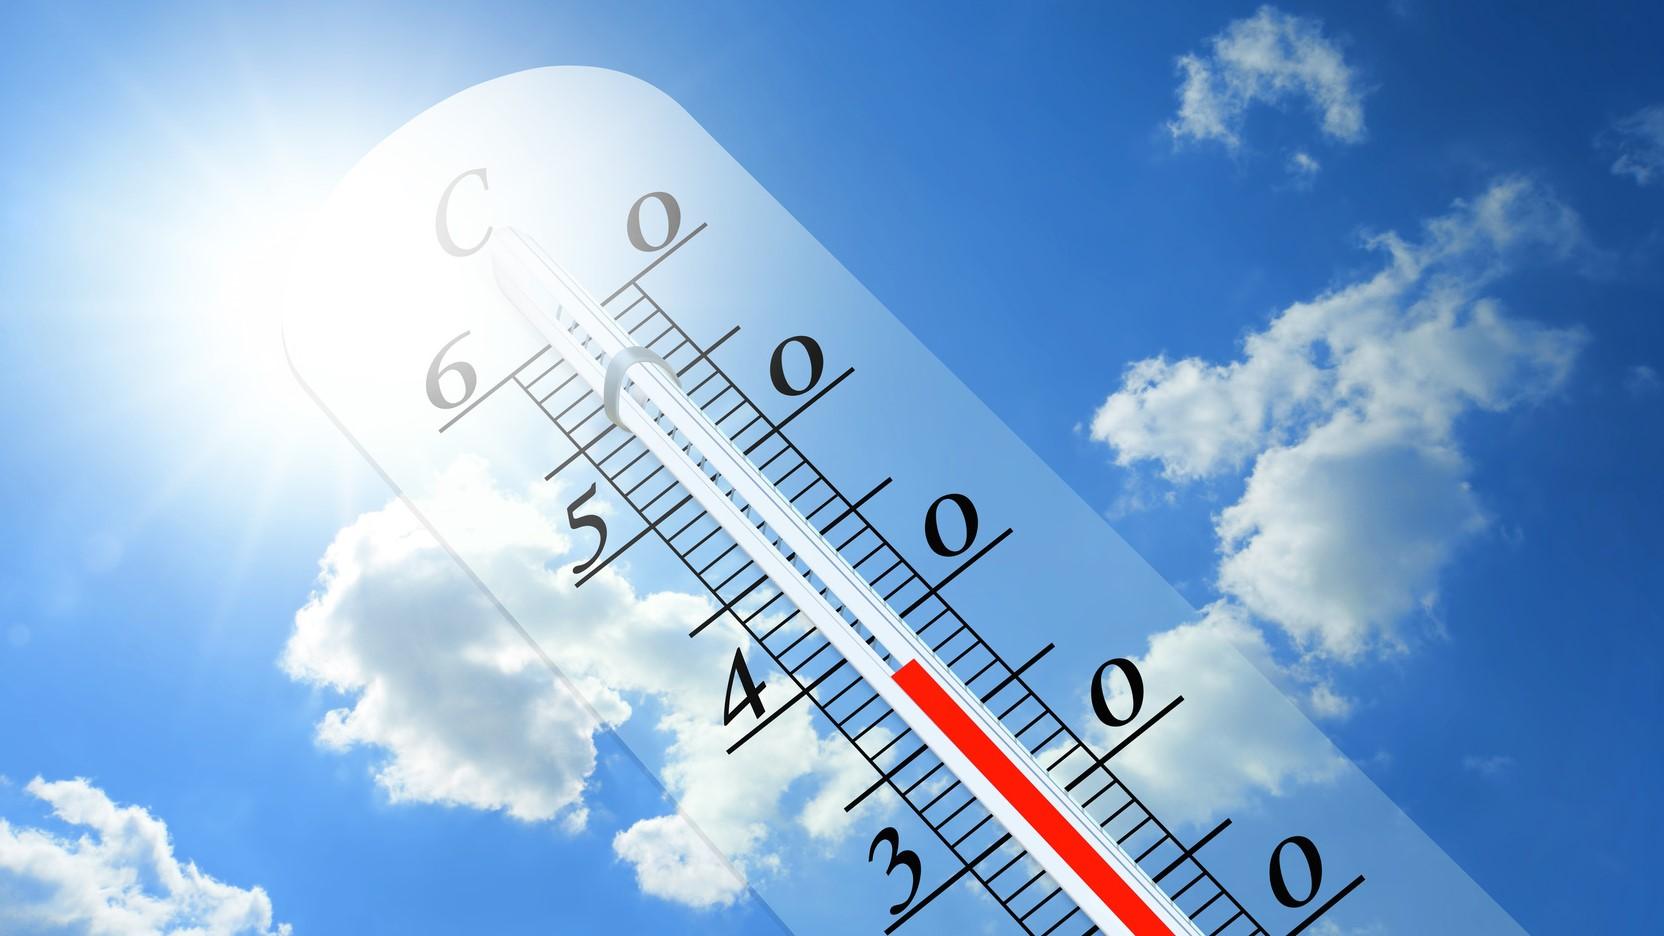 termometr pogoda ciepło - fotolia